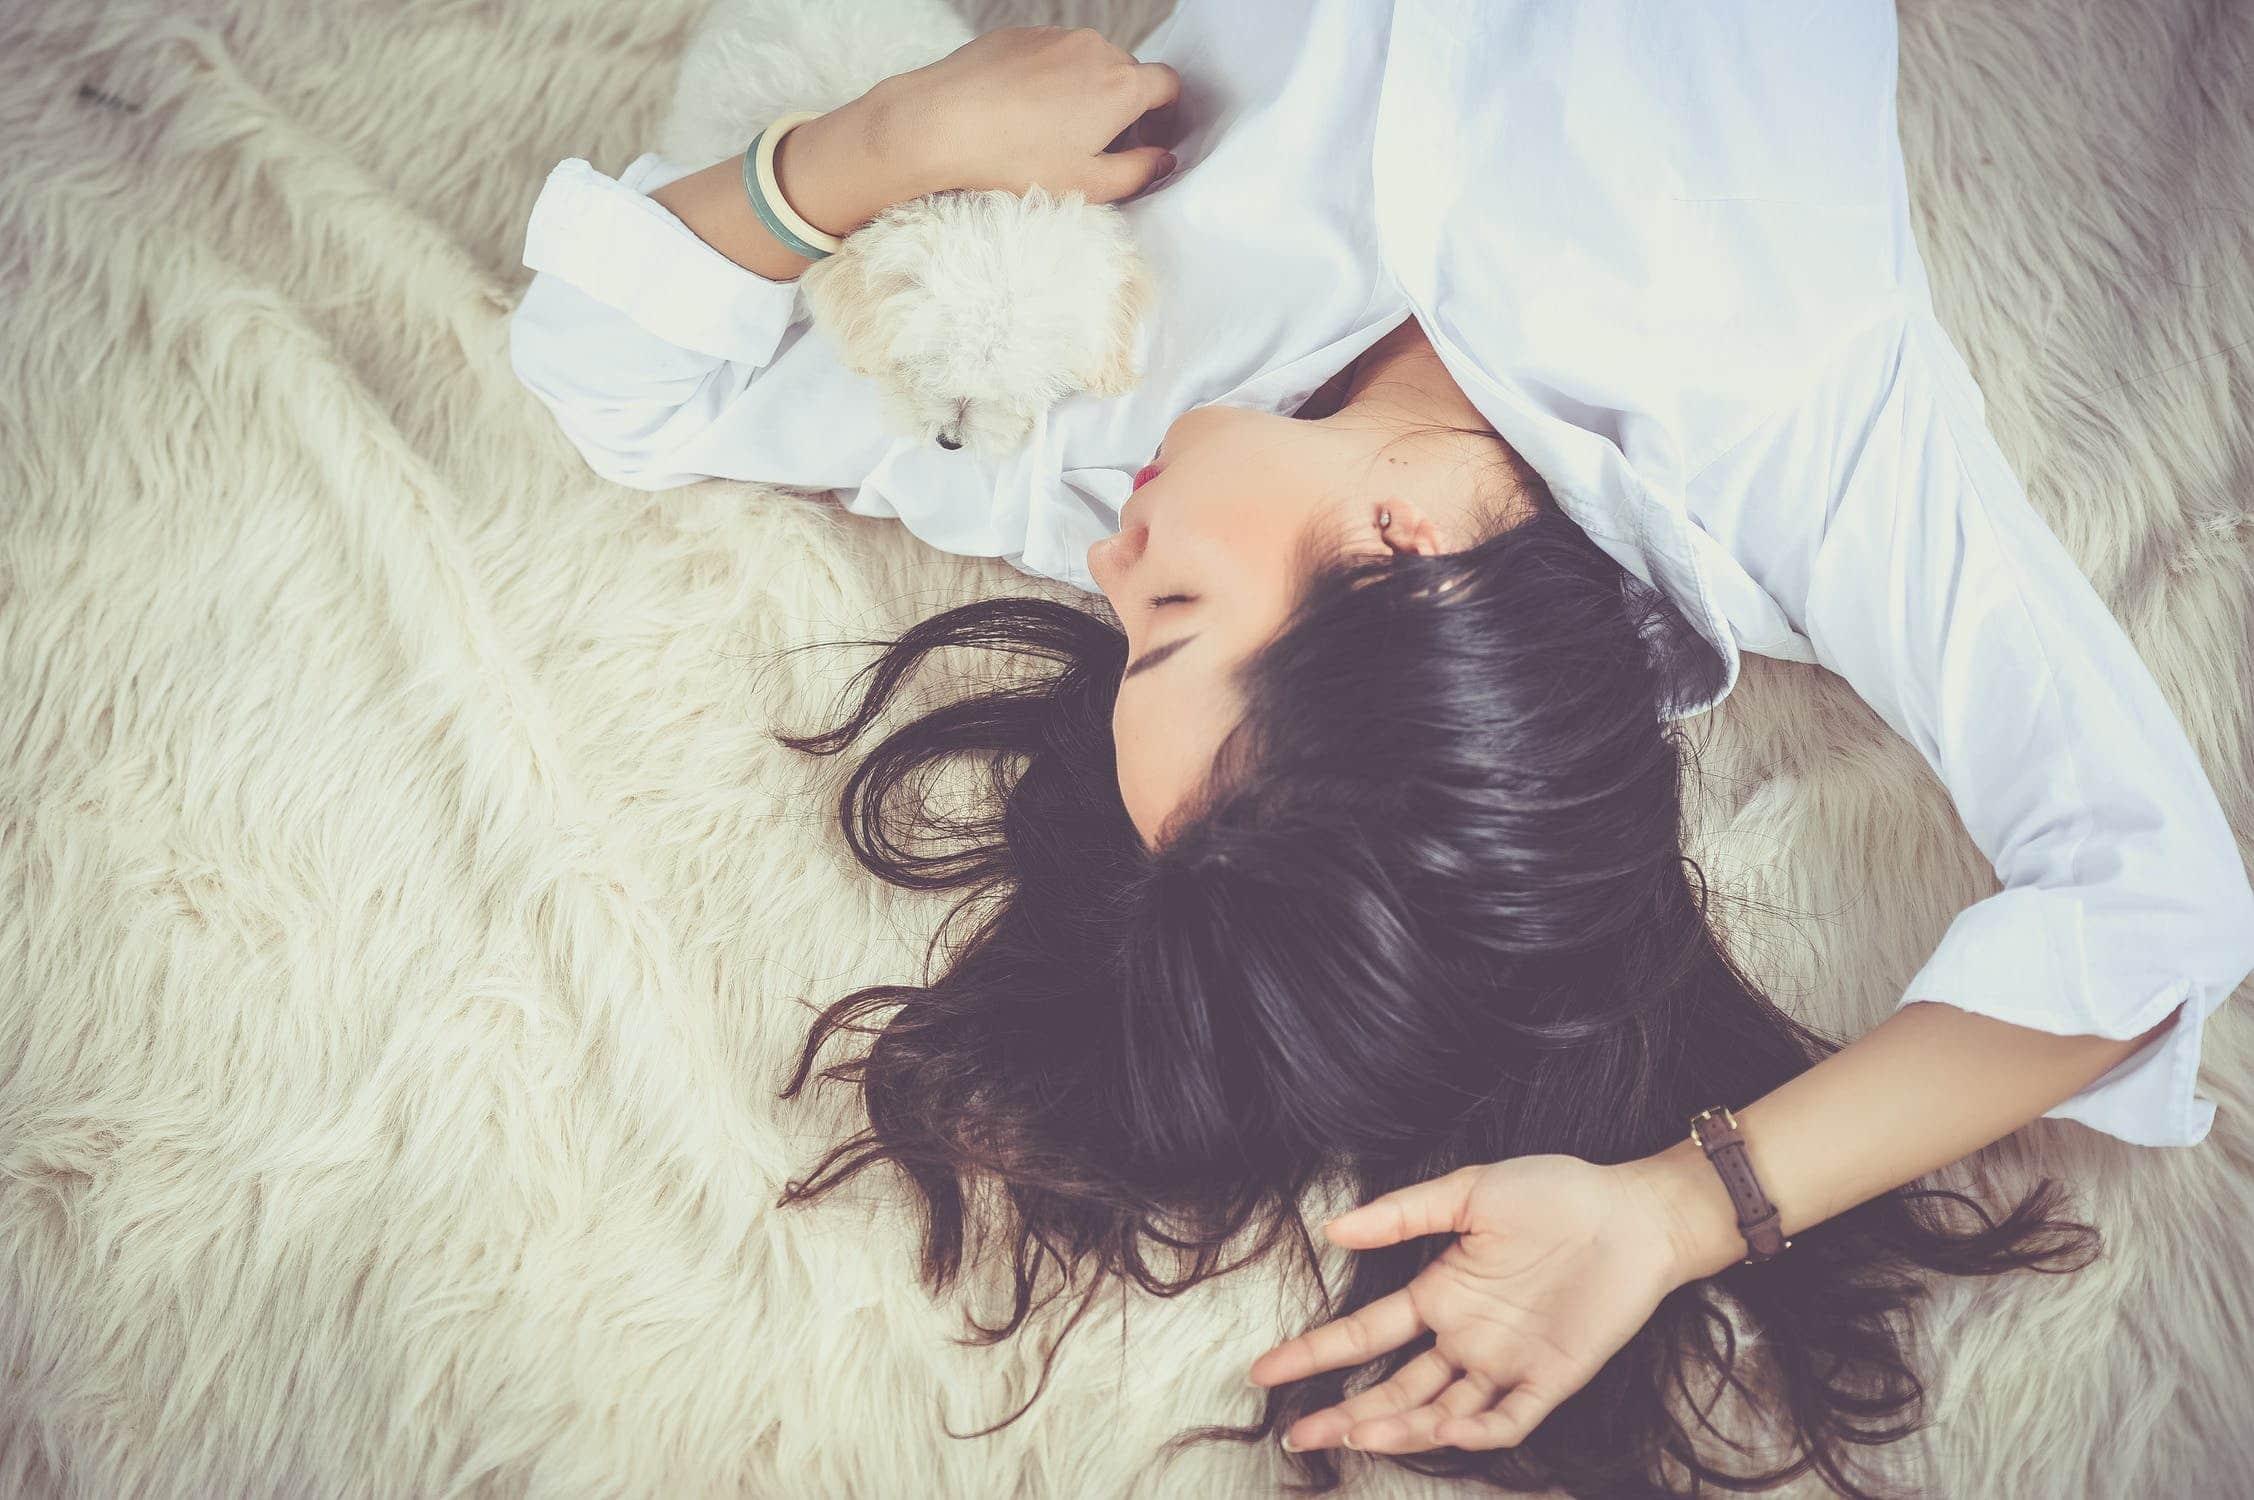 Schlafende Frau auf Bettdecke